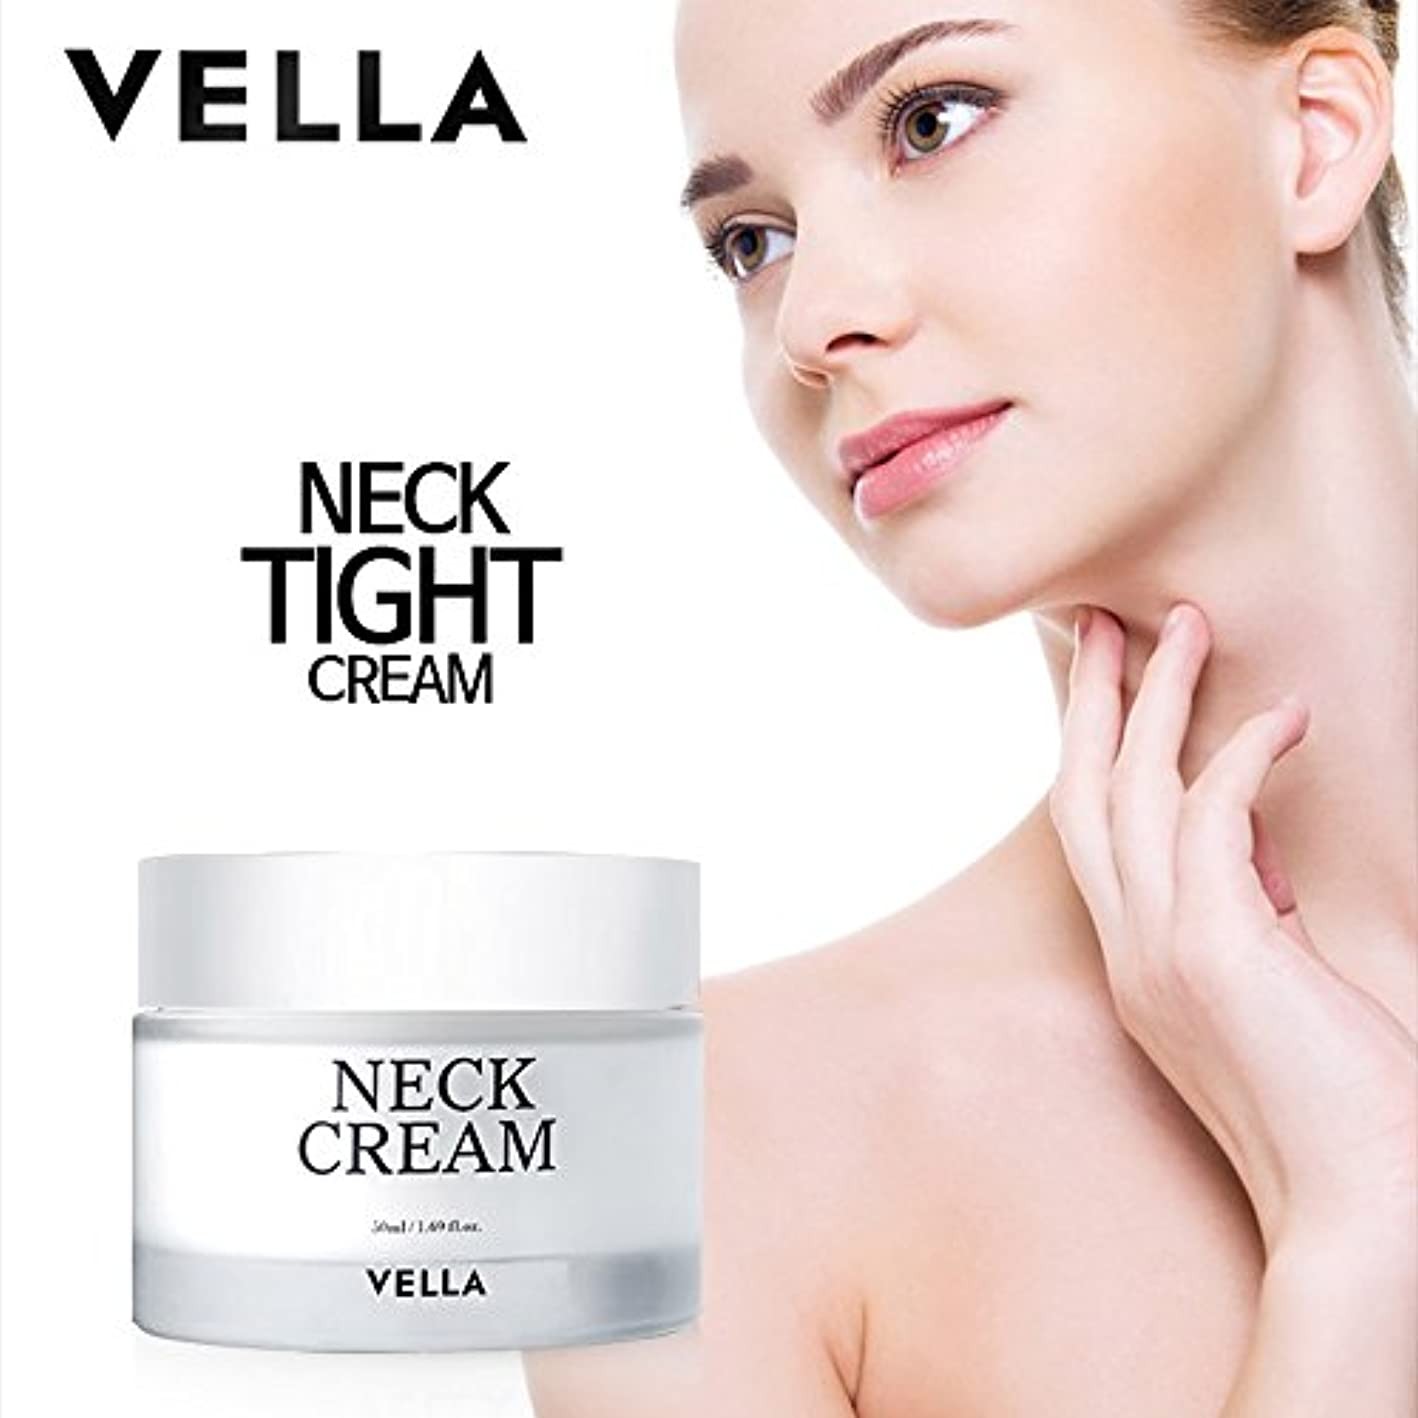 閃光有能な農民VELLA Anti Wrinkle & Whitening Strong Neck Cream(体がキレイvella首専用のクリーム) 50ml [並行輸入品]